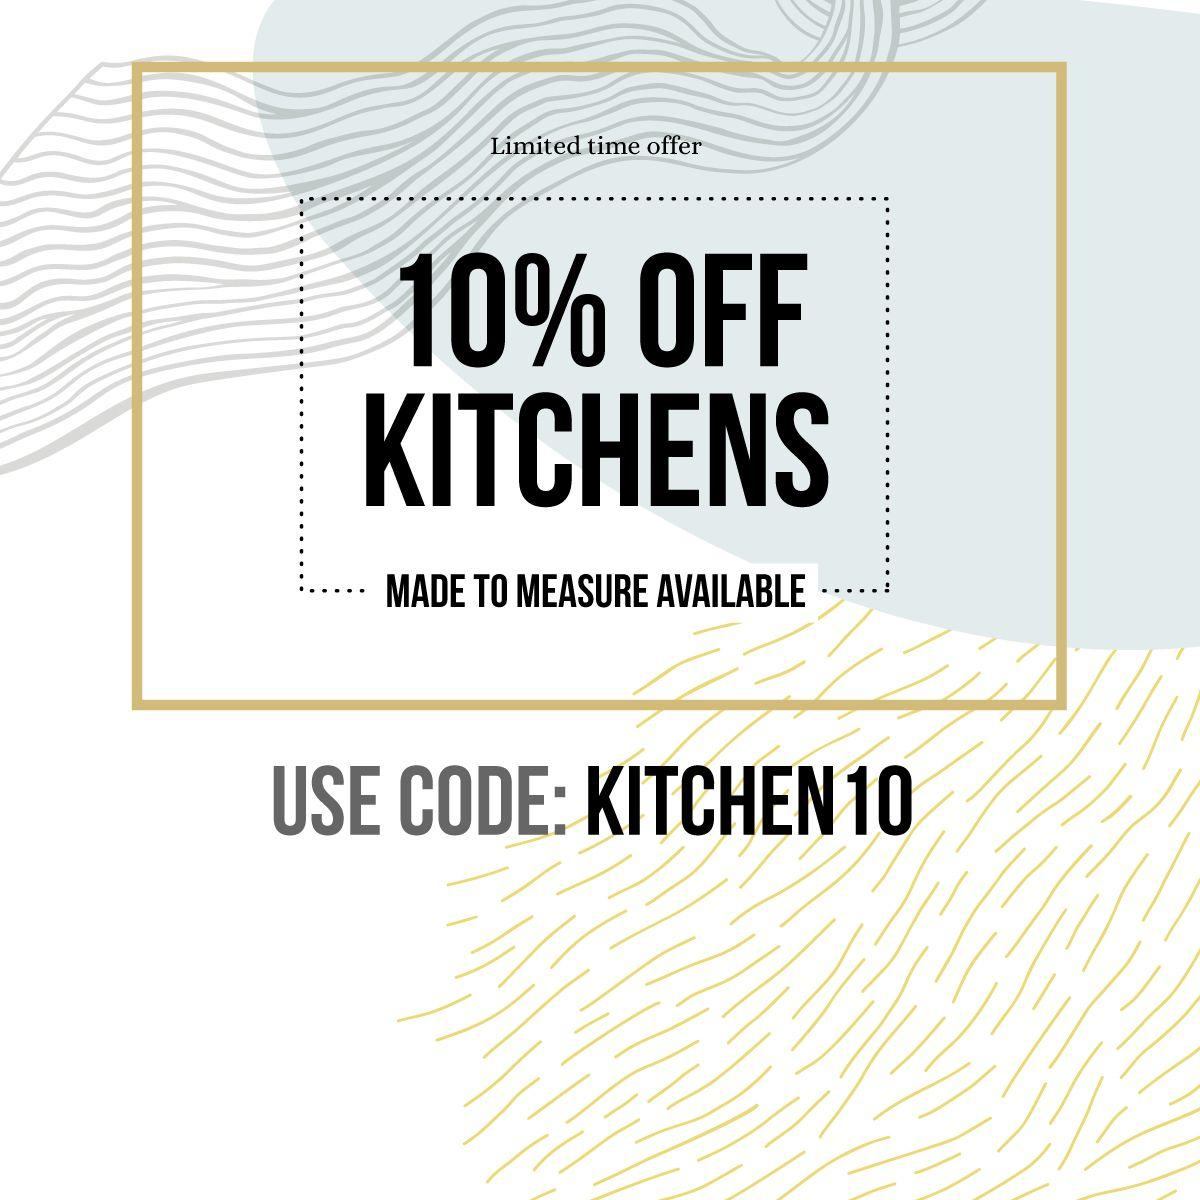 KitchenCode